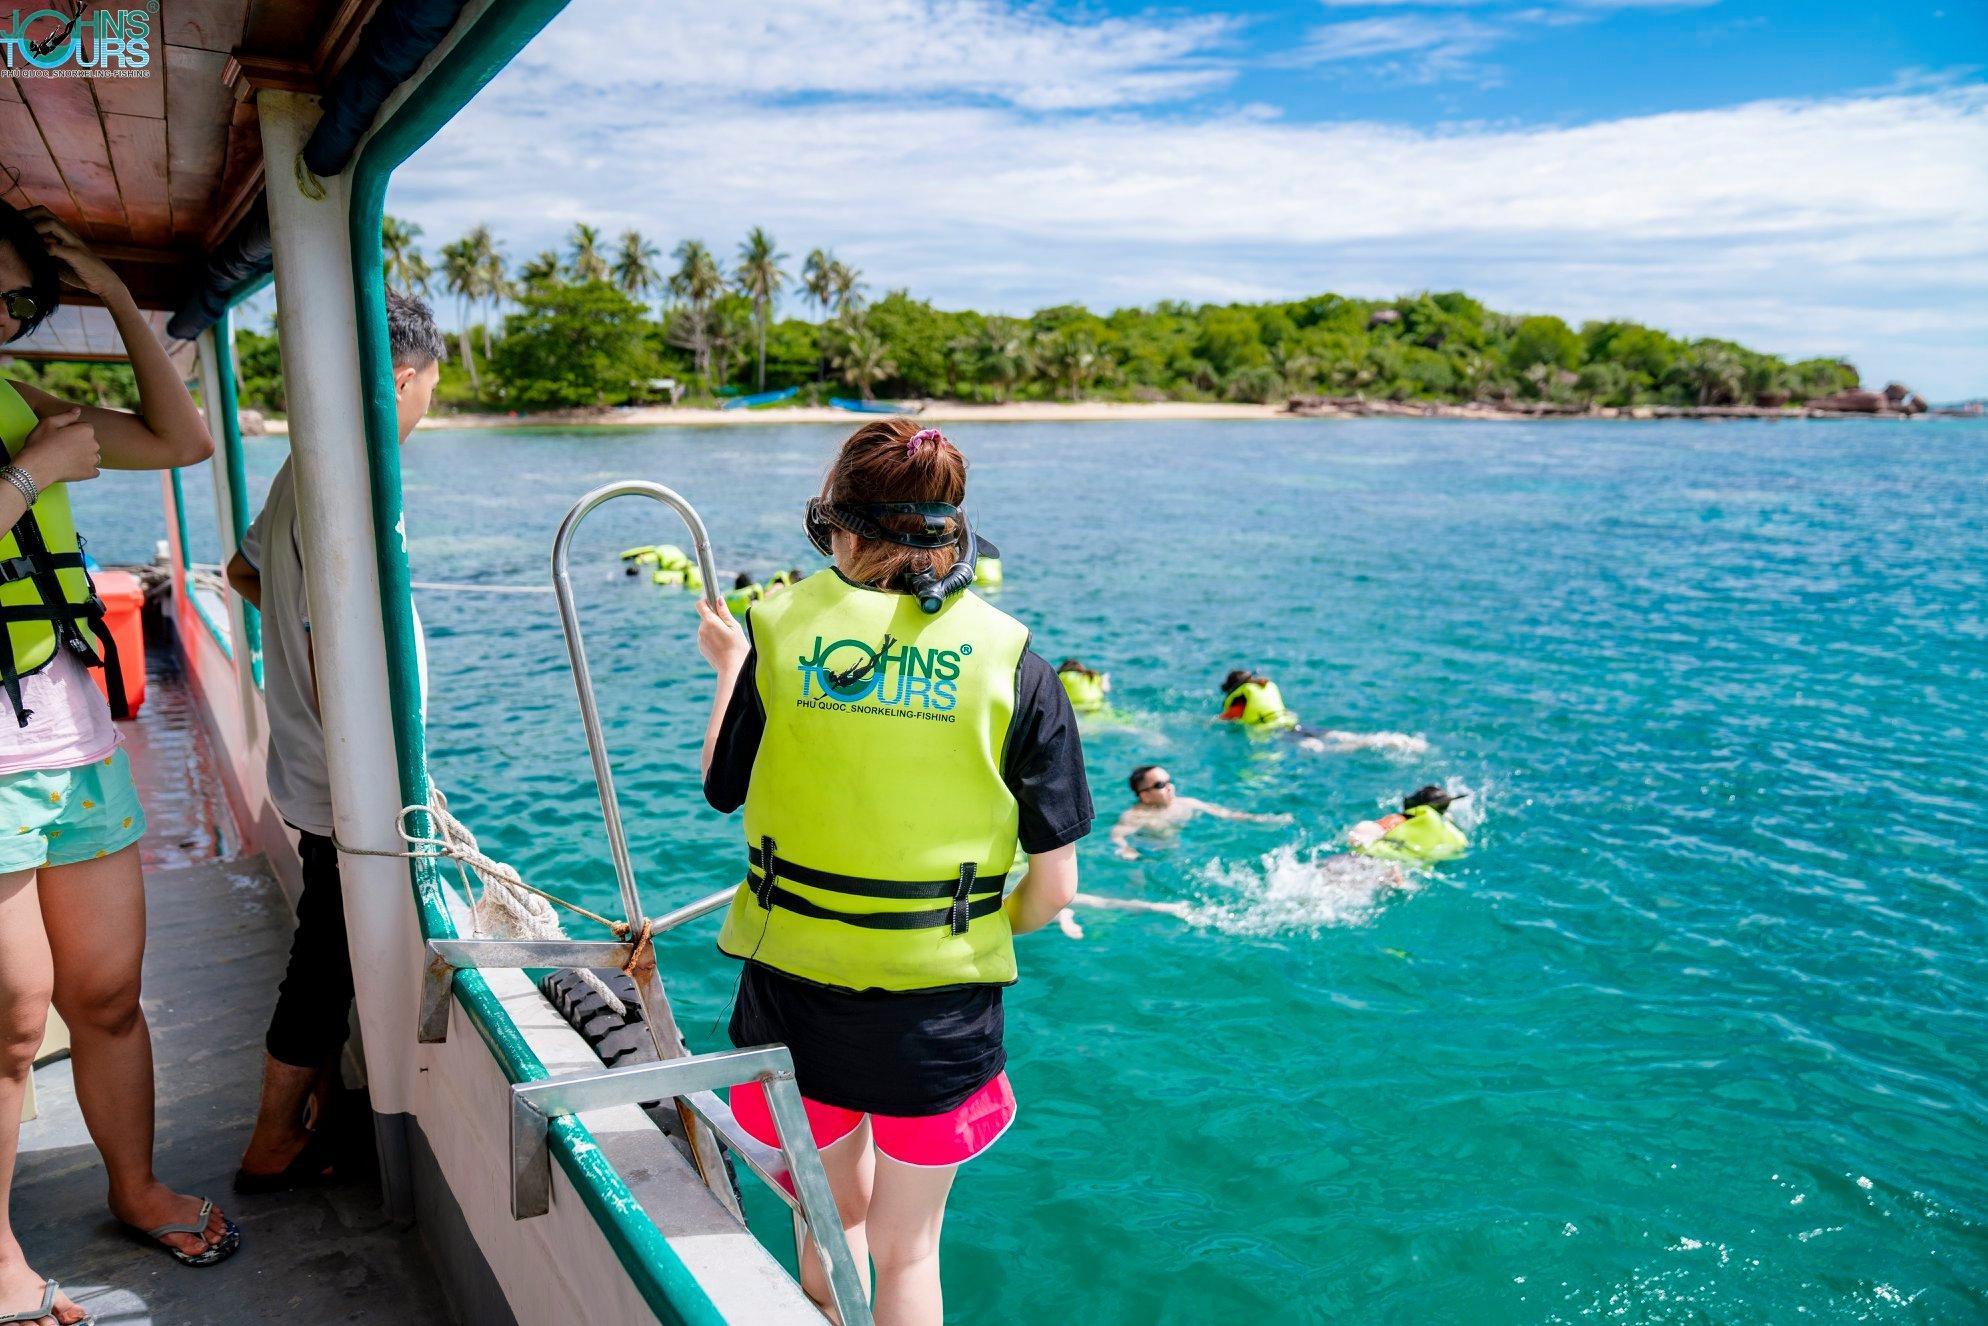 Khách tham gia tour lặn ngắm san hô cùng John's Tours Phú Quốc